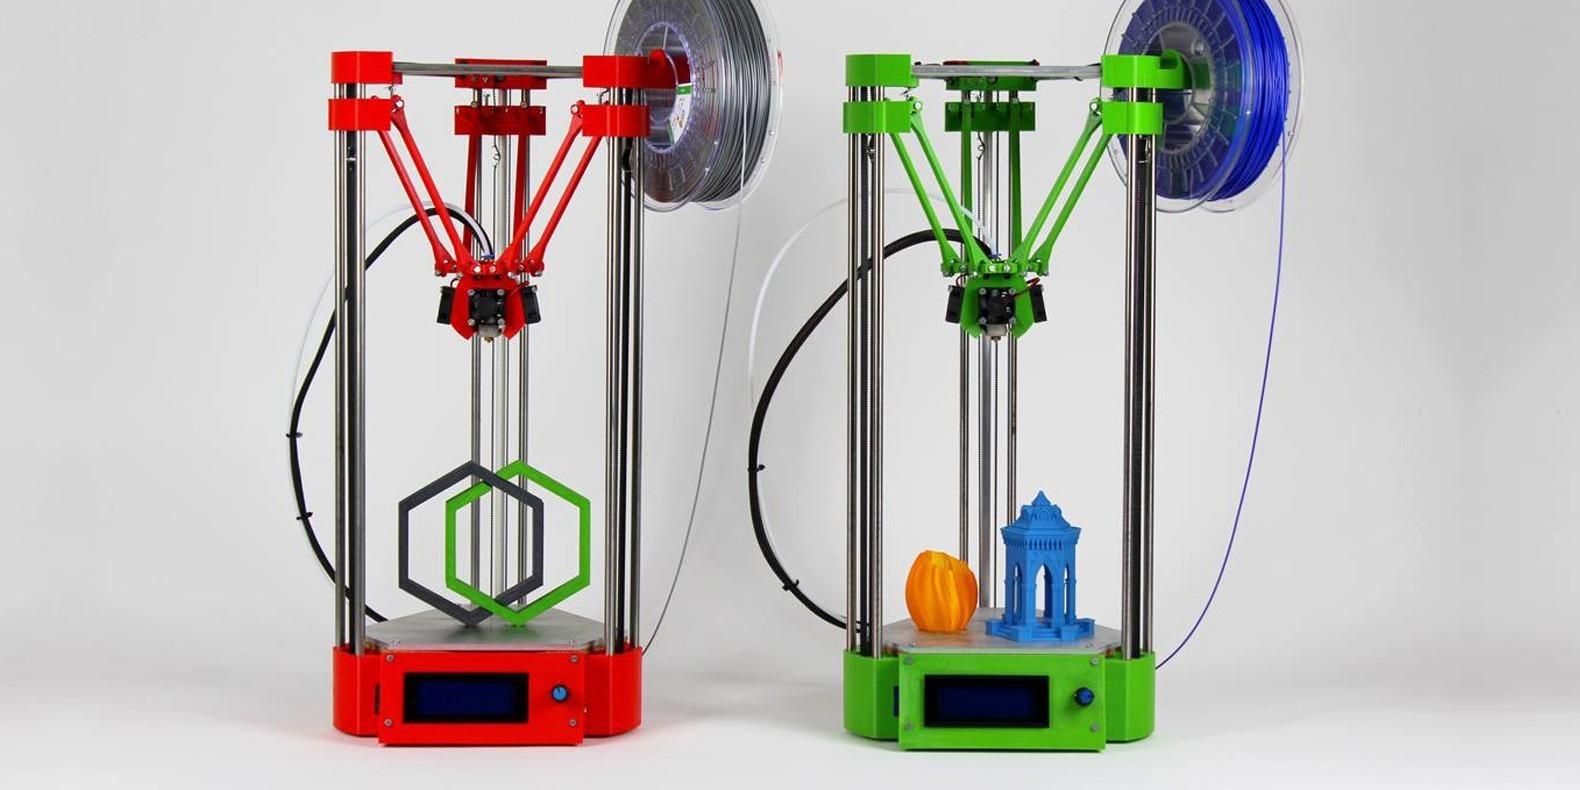 Voici une sélection des meilleurs modèles 3D pour imprimer votre propre imprimante 3D